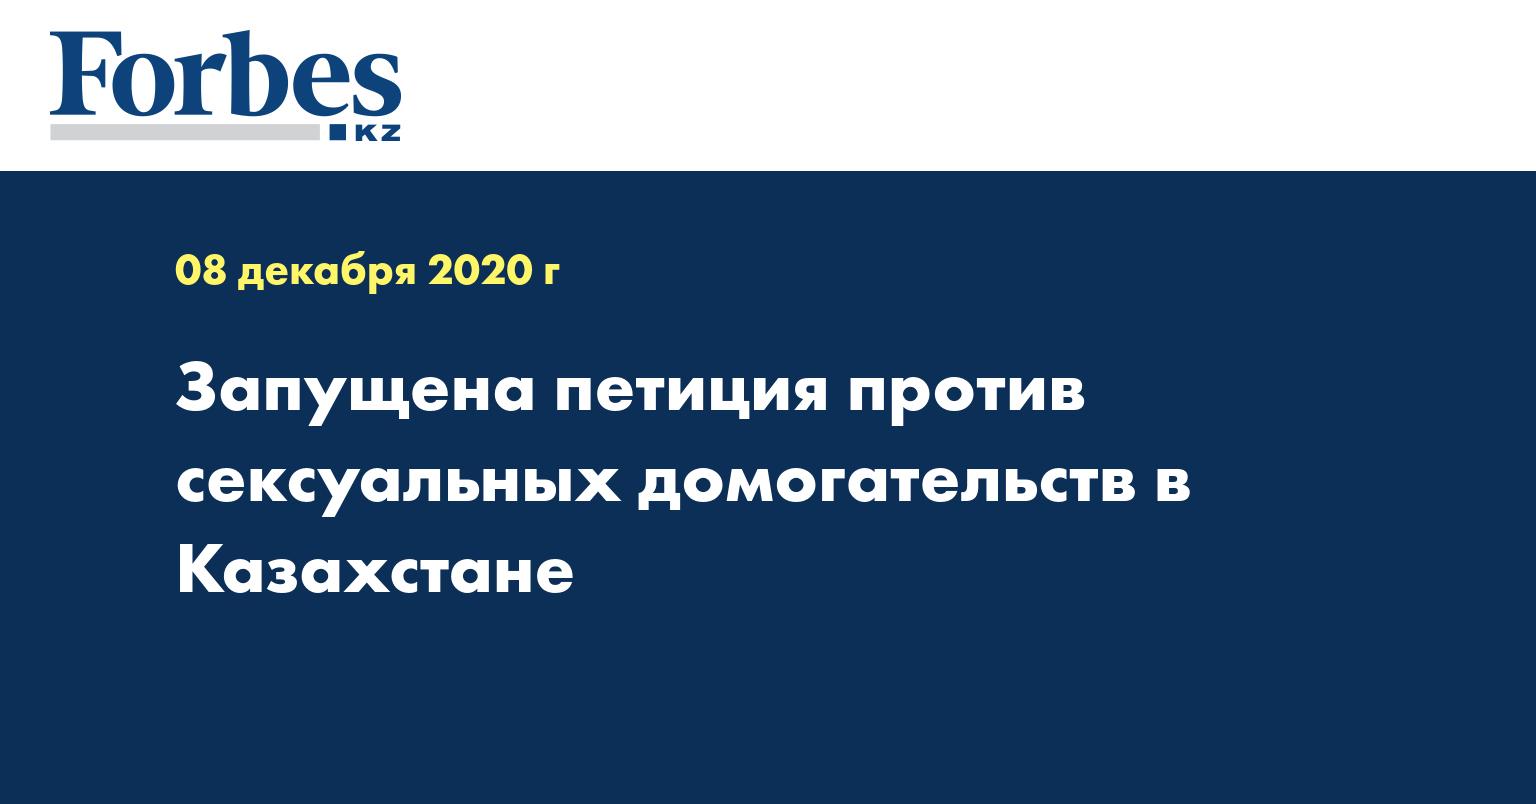 Запущена петиция против сексуальных домогательств в Казахстане